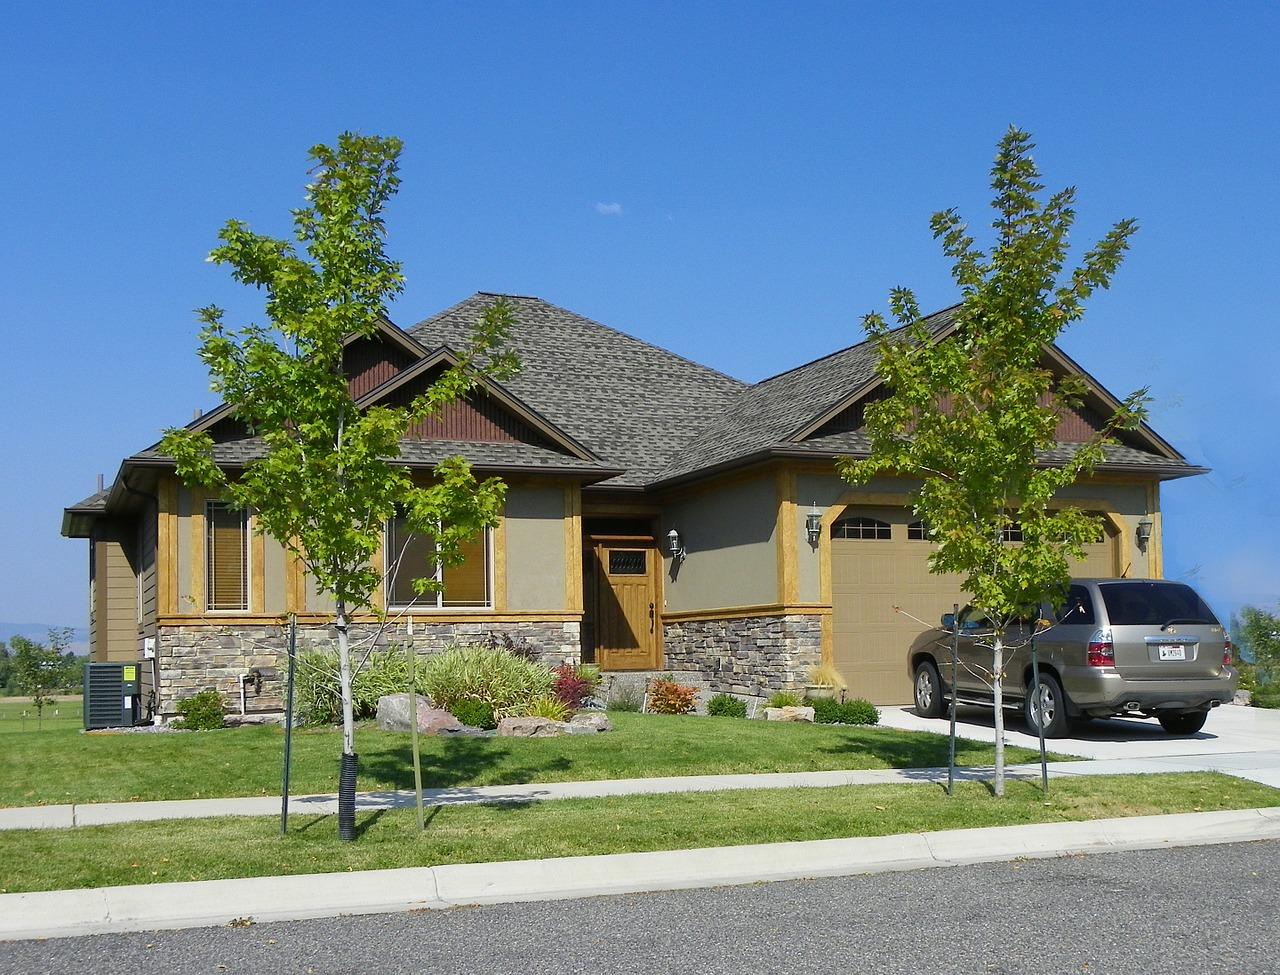 持ち家や自動車など、生活保護受給者が保有できる財産を解説